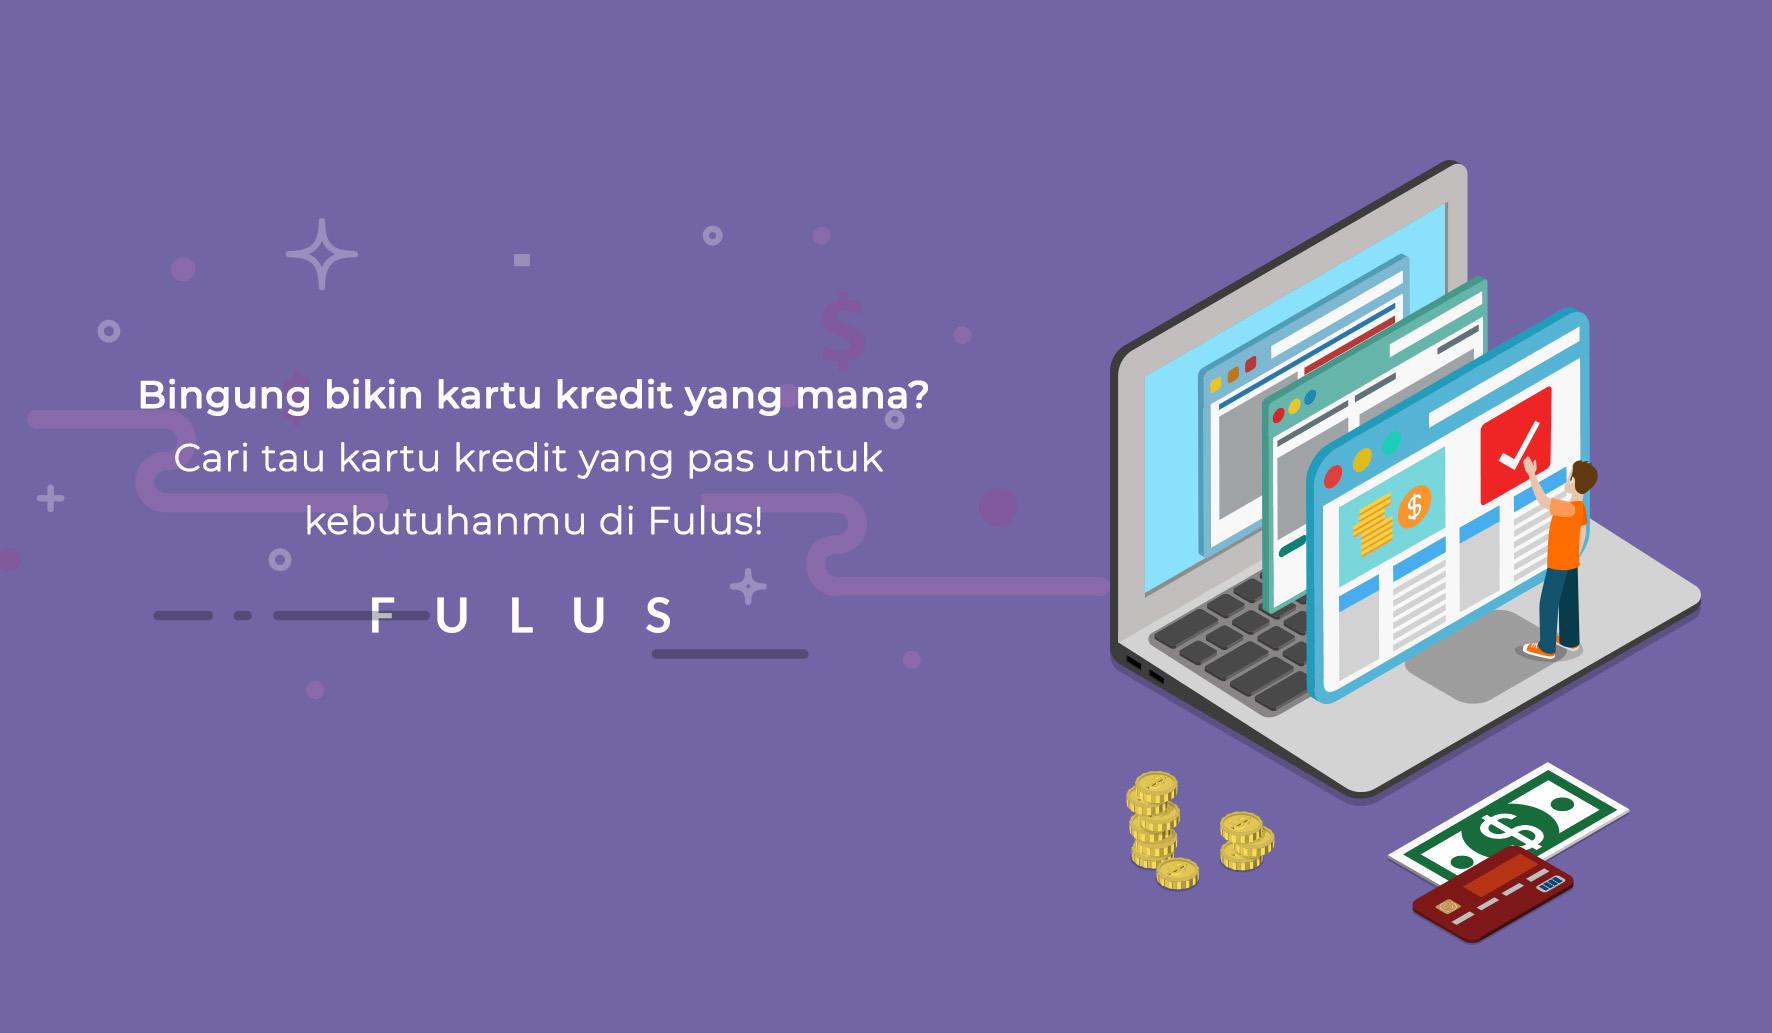 Bingung milih kartu kredit pertamamu? Platform Fulus bisa membantu